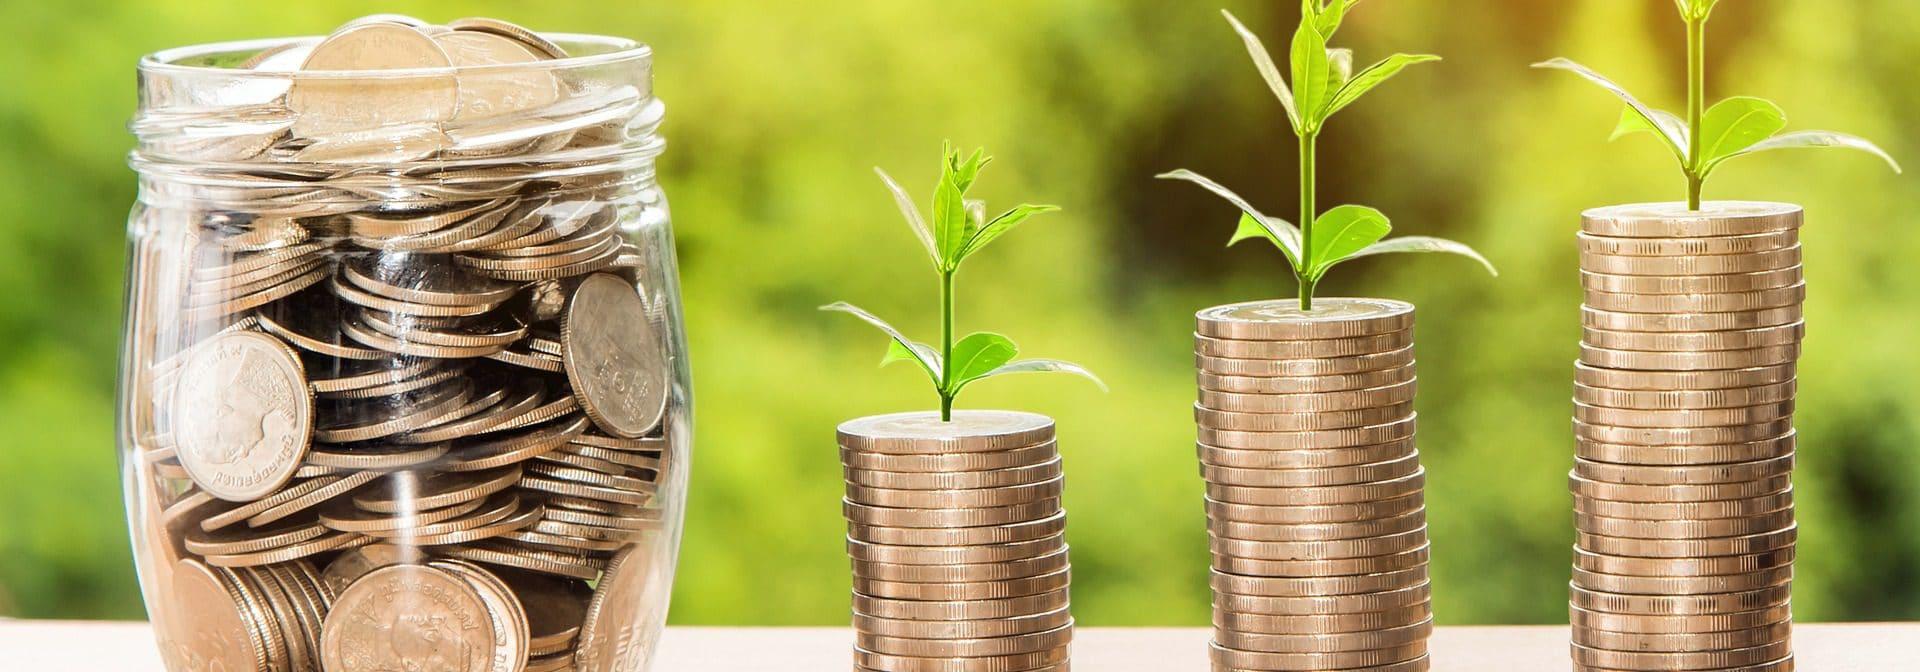 Financiele goede voornemens